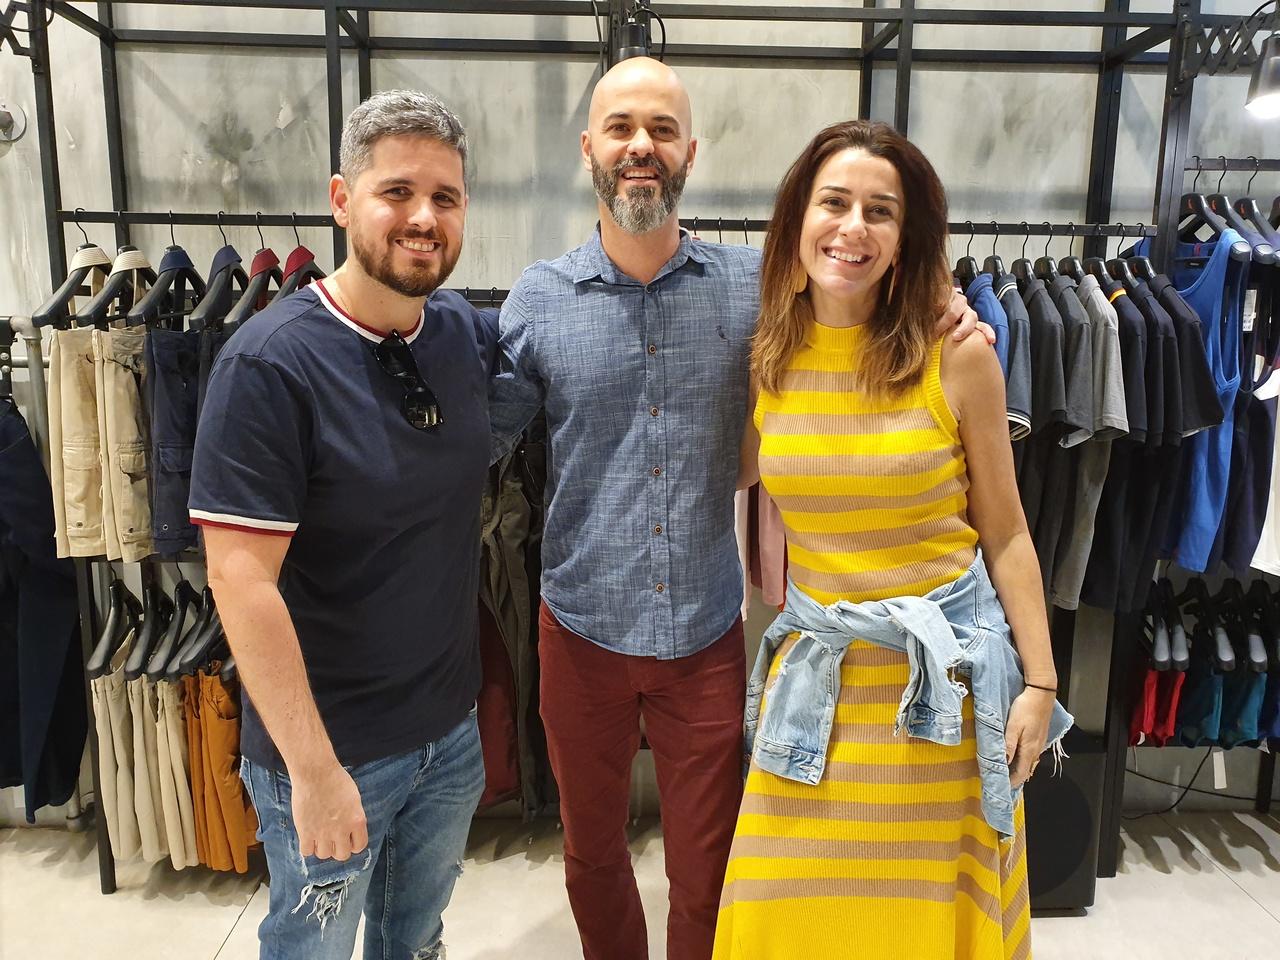 Evento de moda: Ricardo Lobato entre Rony Meisler, CEO da Reserva, e Juliana Almeida, diretora comercial. Foto: Divulgação